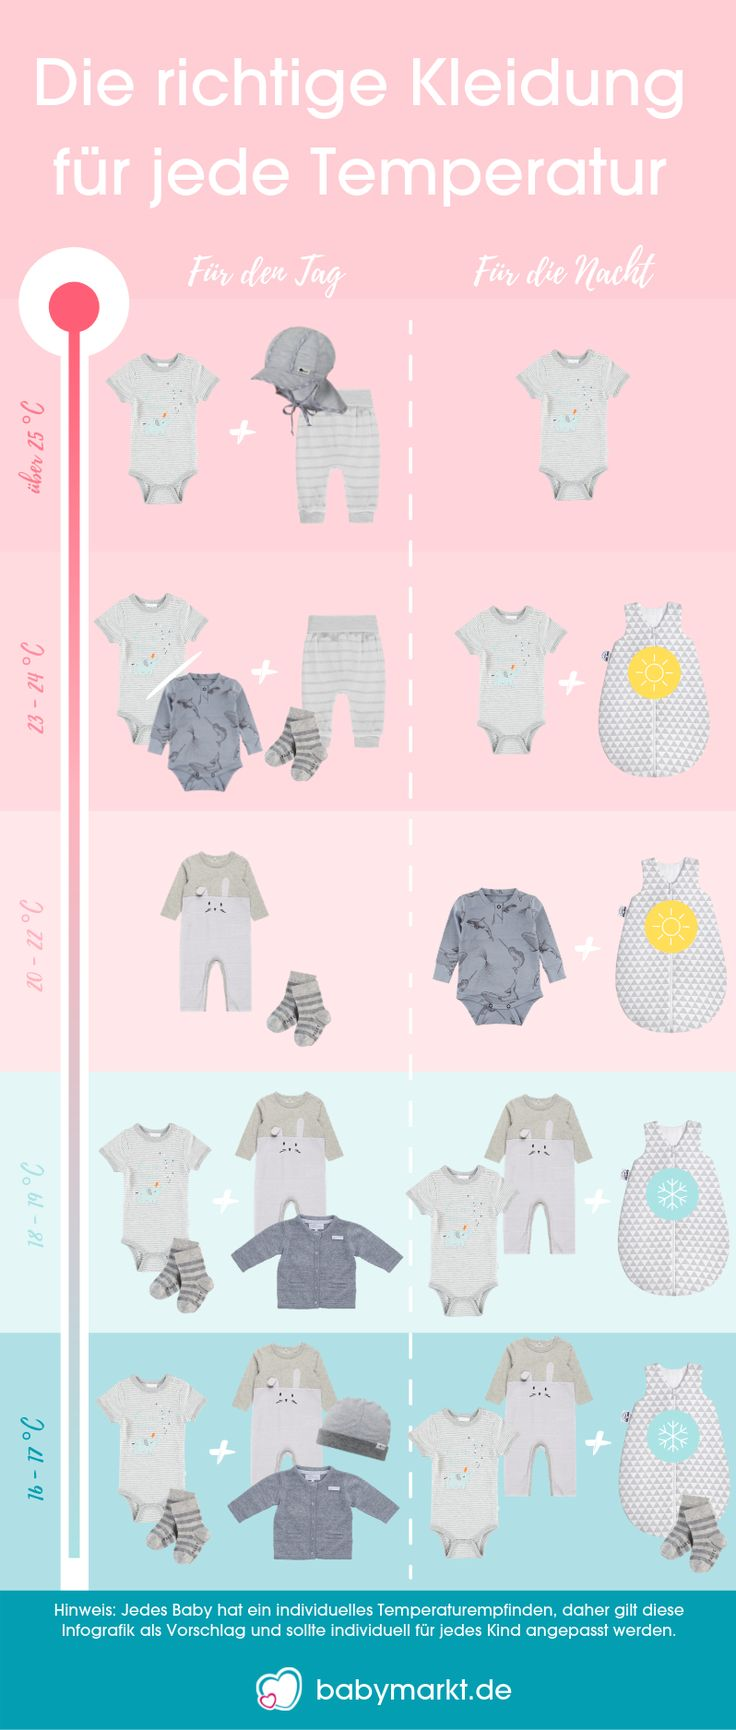 Des vêtements de bébé pour toutes les températures – Guide d'achat babymarkt.de   – Baby